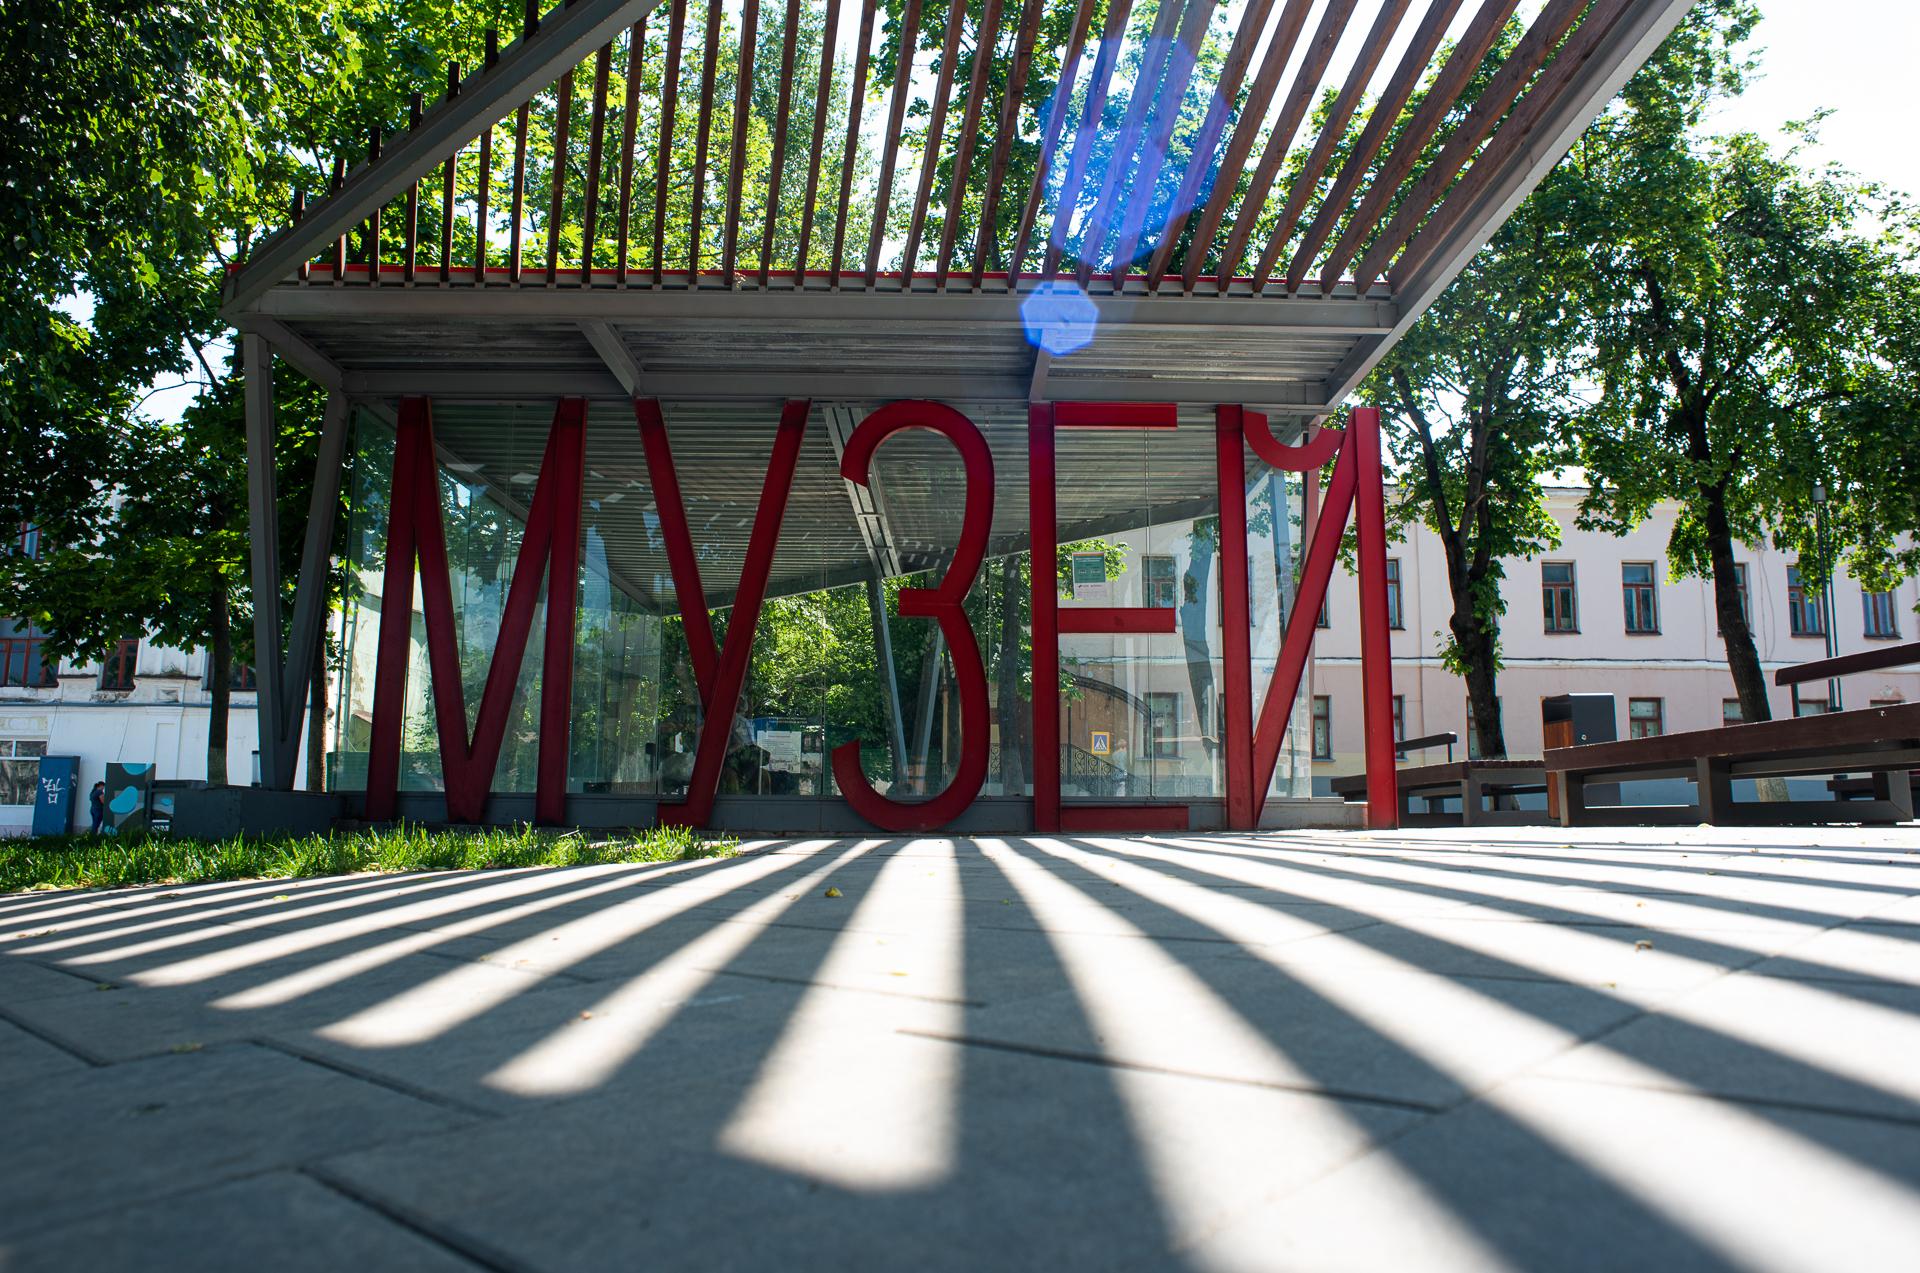 Егорьевск, Егорьевский историко-художественный Музей